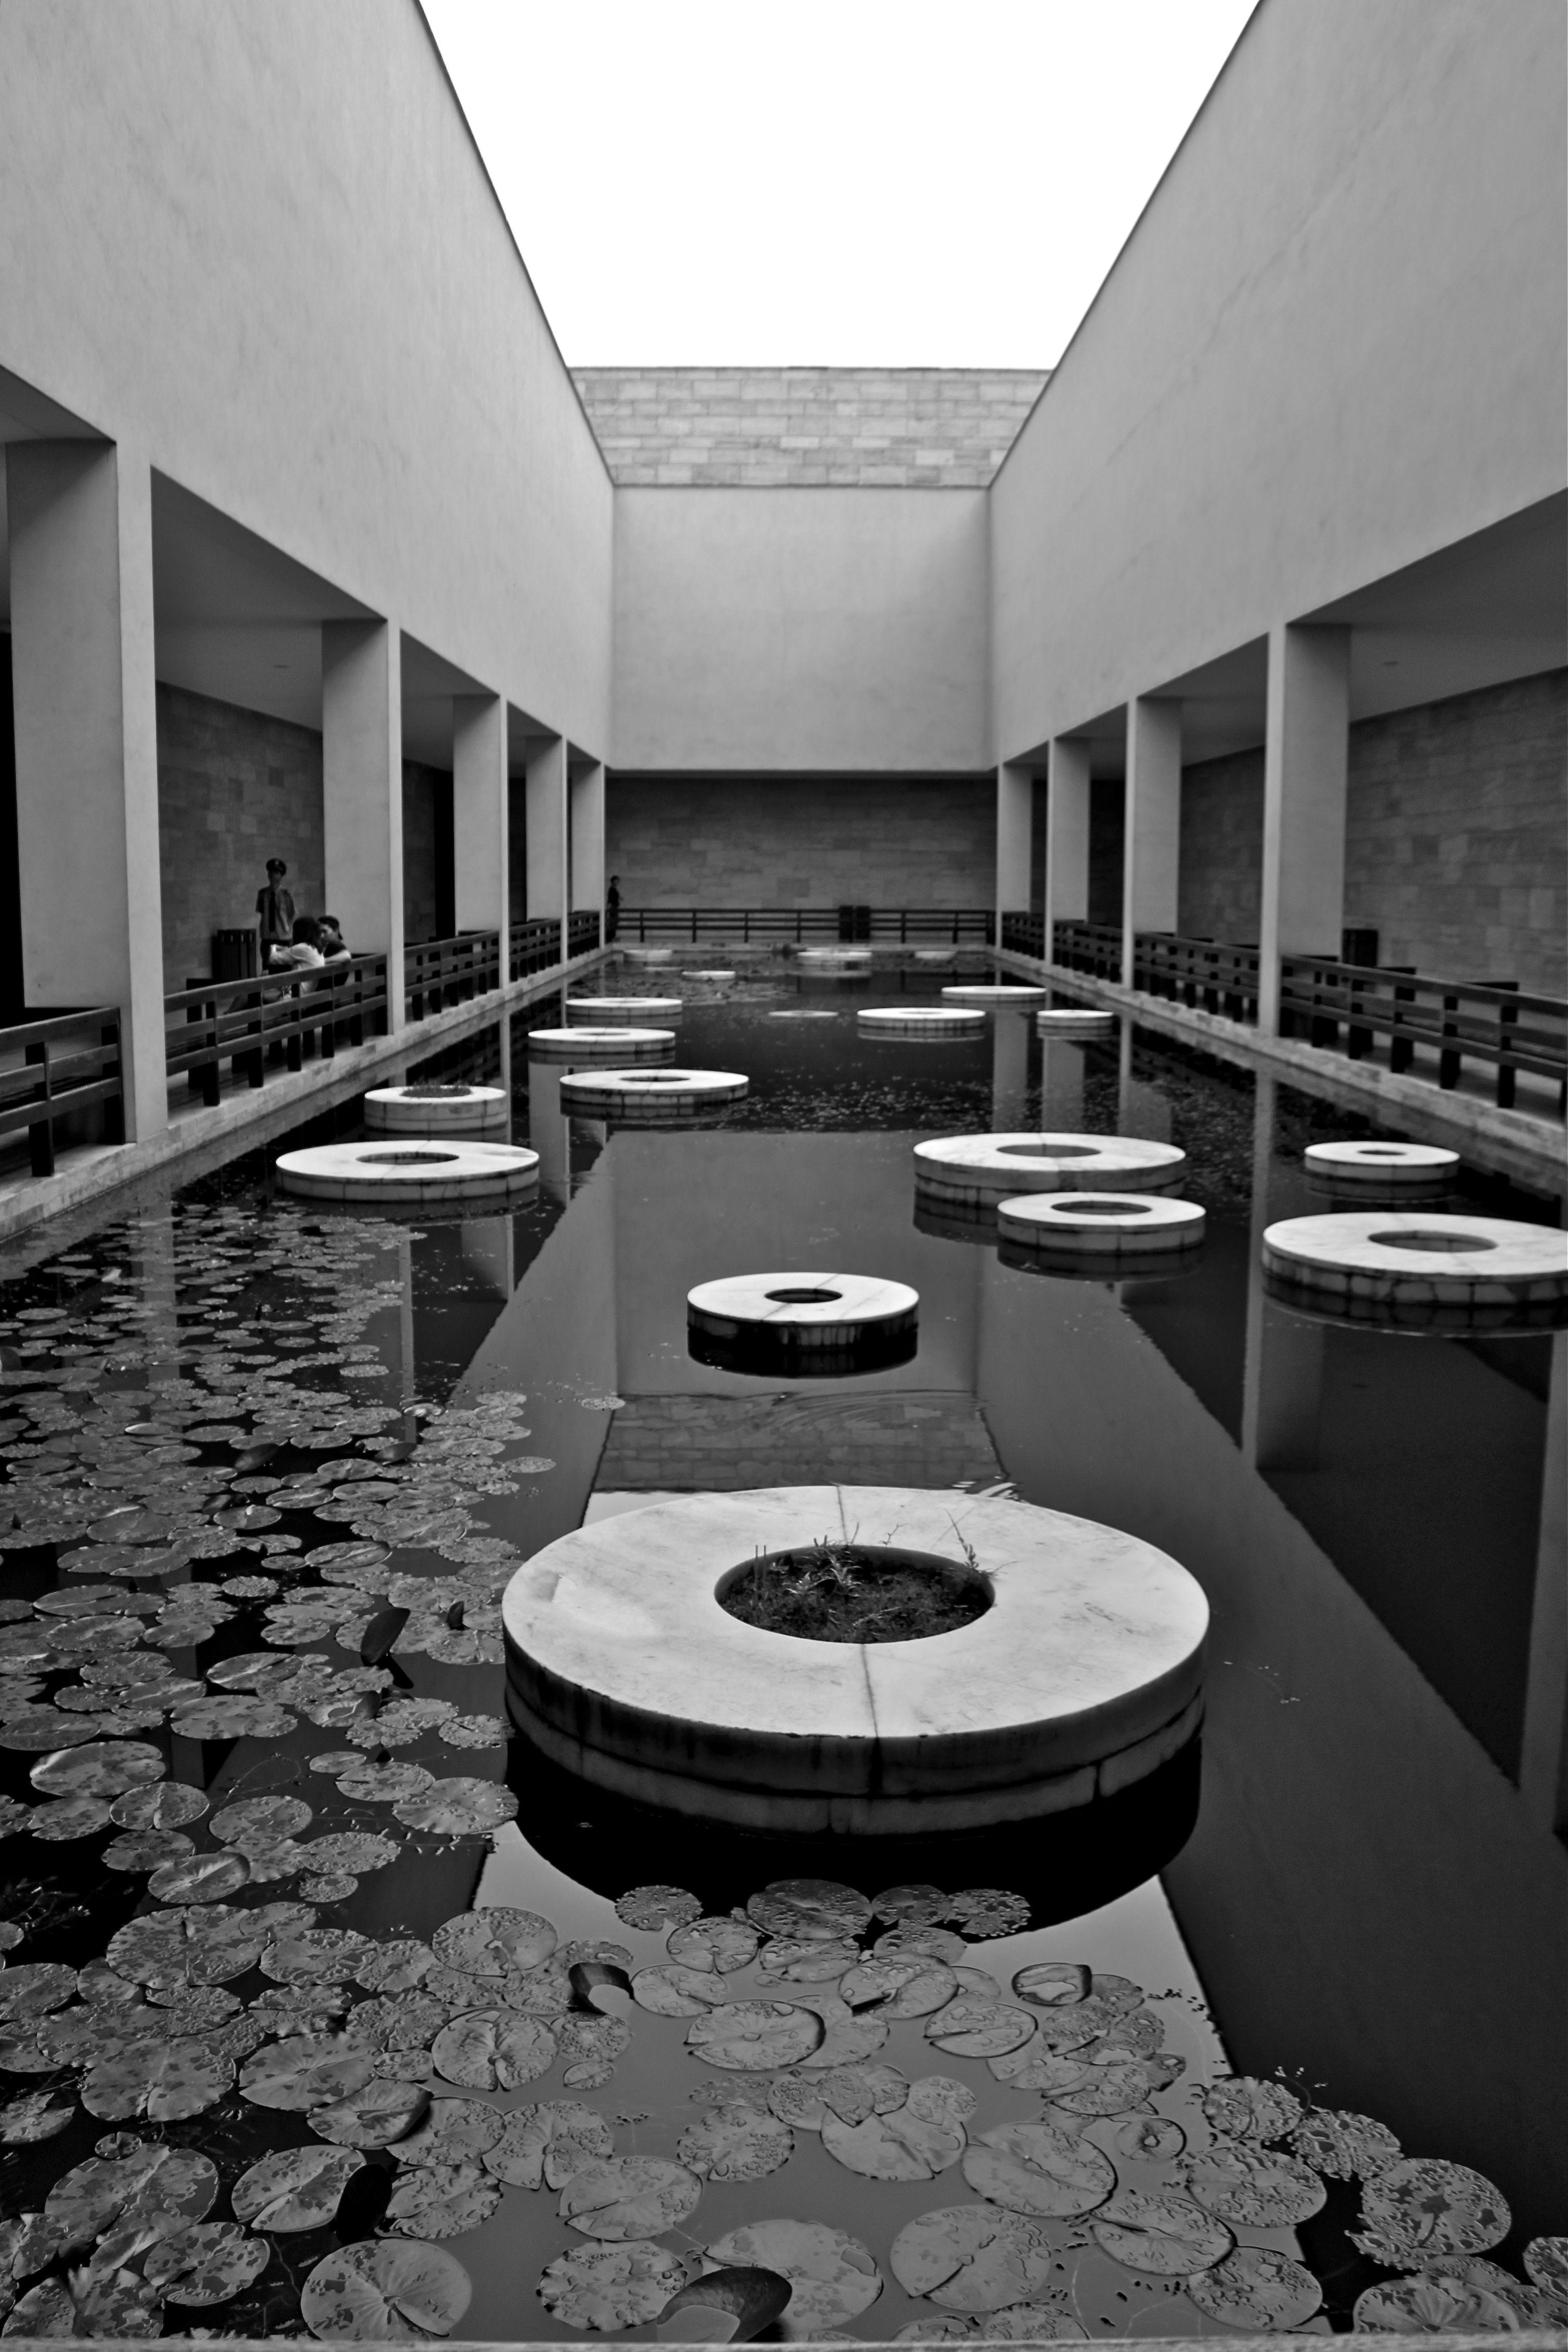 Courtyard of liangzhu cultural museum